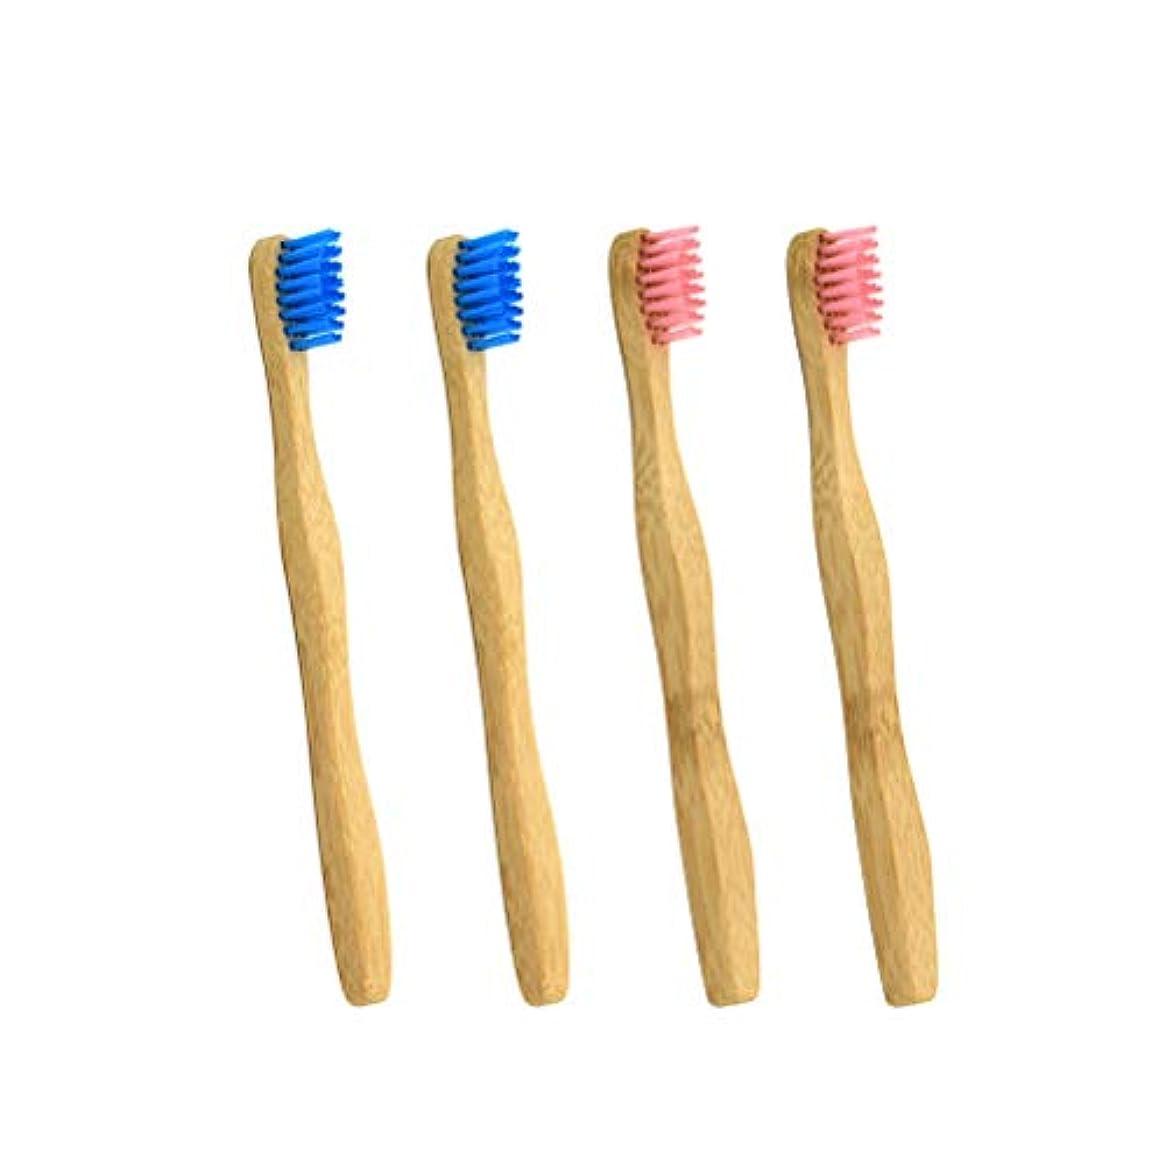 提出する収束するメッセンジャーSUPVOX 4本の子供の竹の歯ブラシ生分解性エコフレンドリーな歯ブラシ(ピンクとブルー各2本)